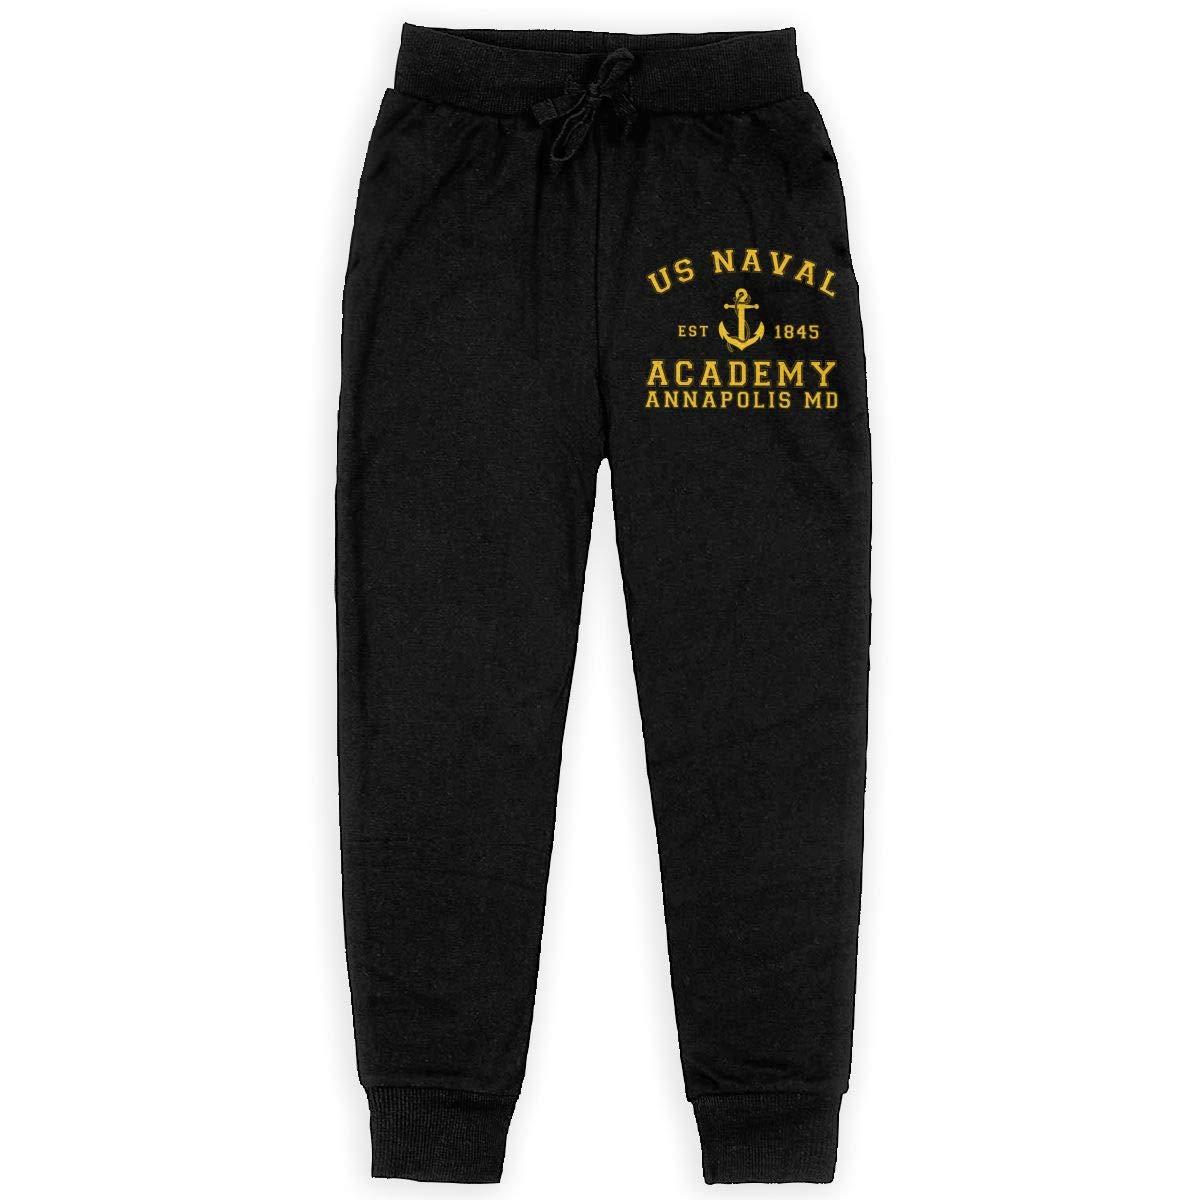 US Naval Academy Boys Sweatpants Youth Fleece Pants Teen Fleece Pants Black